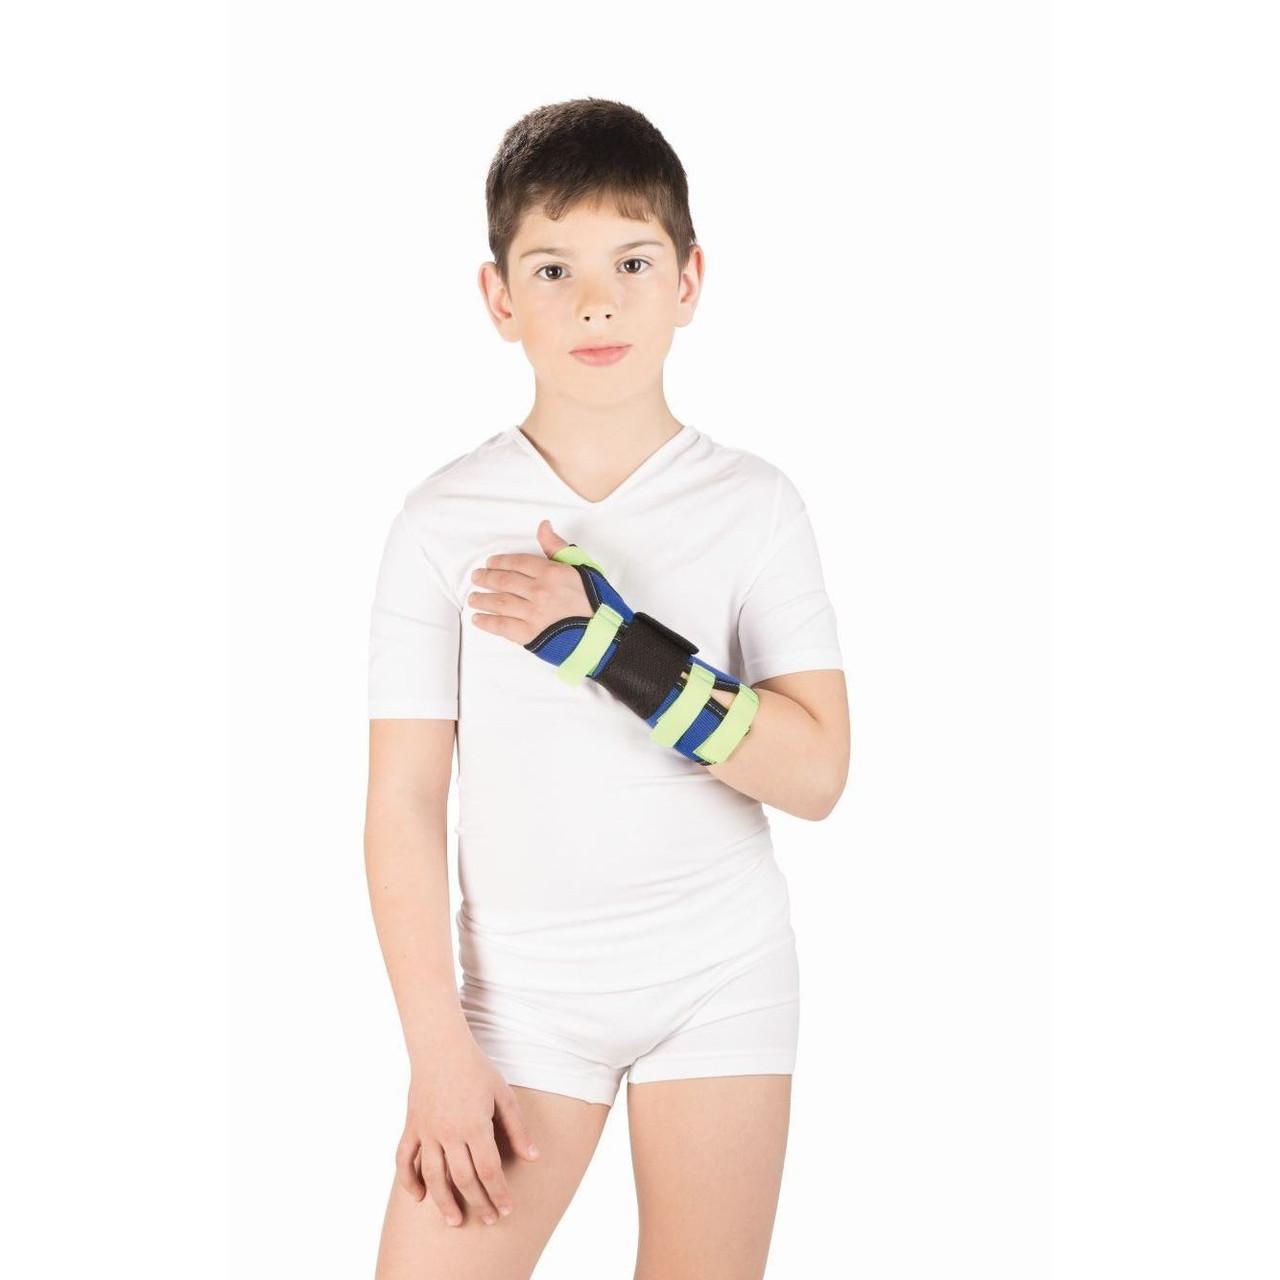 Тутор на лучезапястный сустав детский суставов-ферматрон